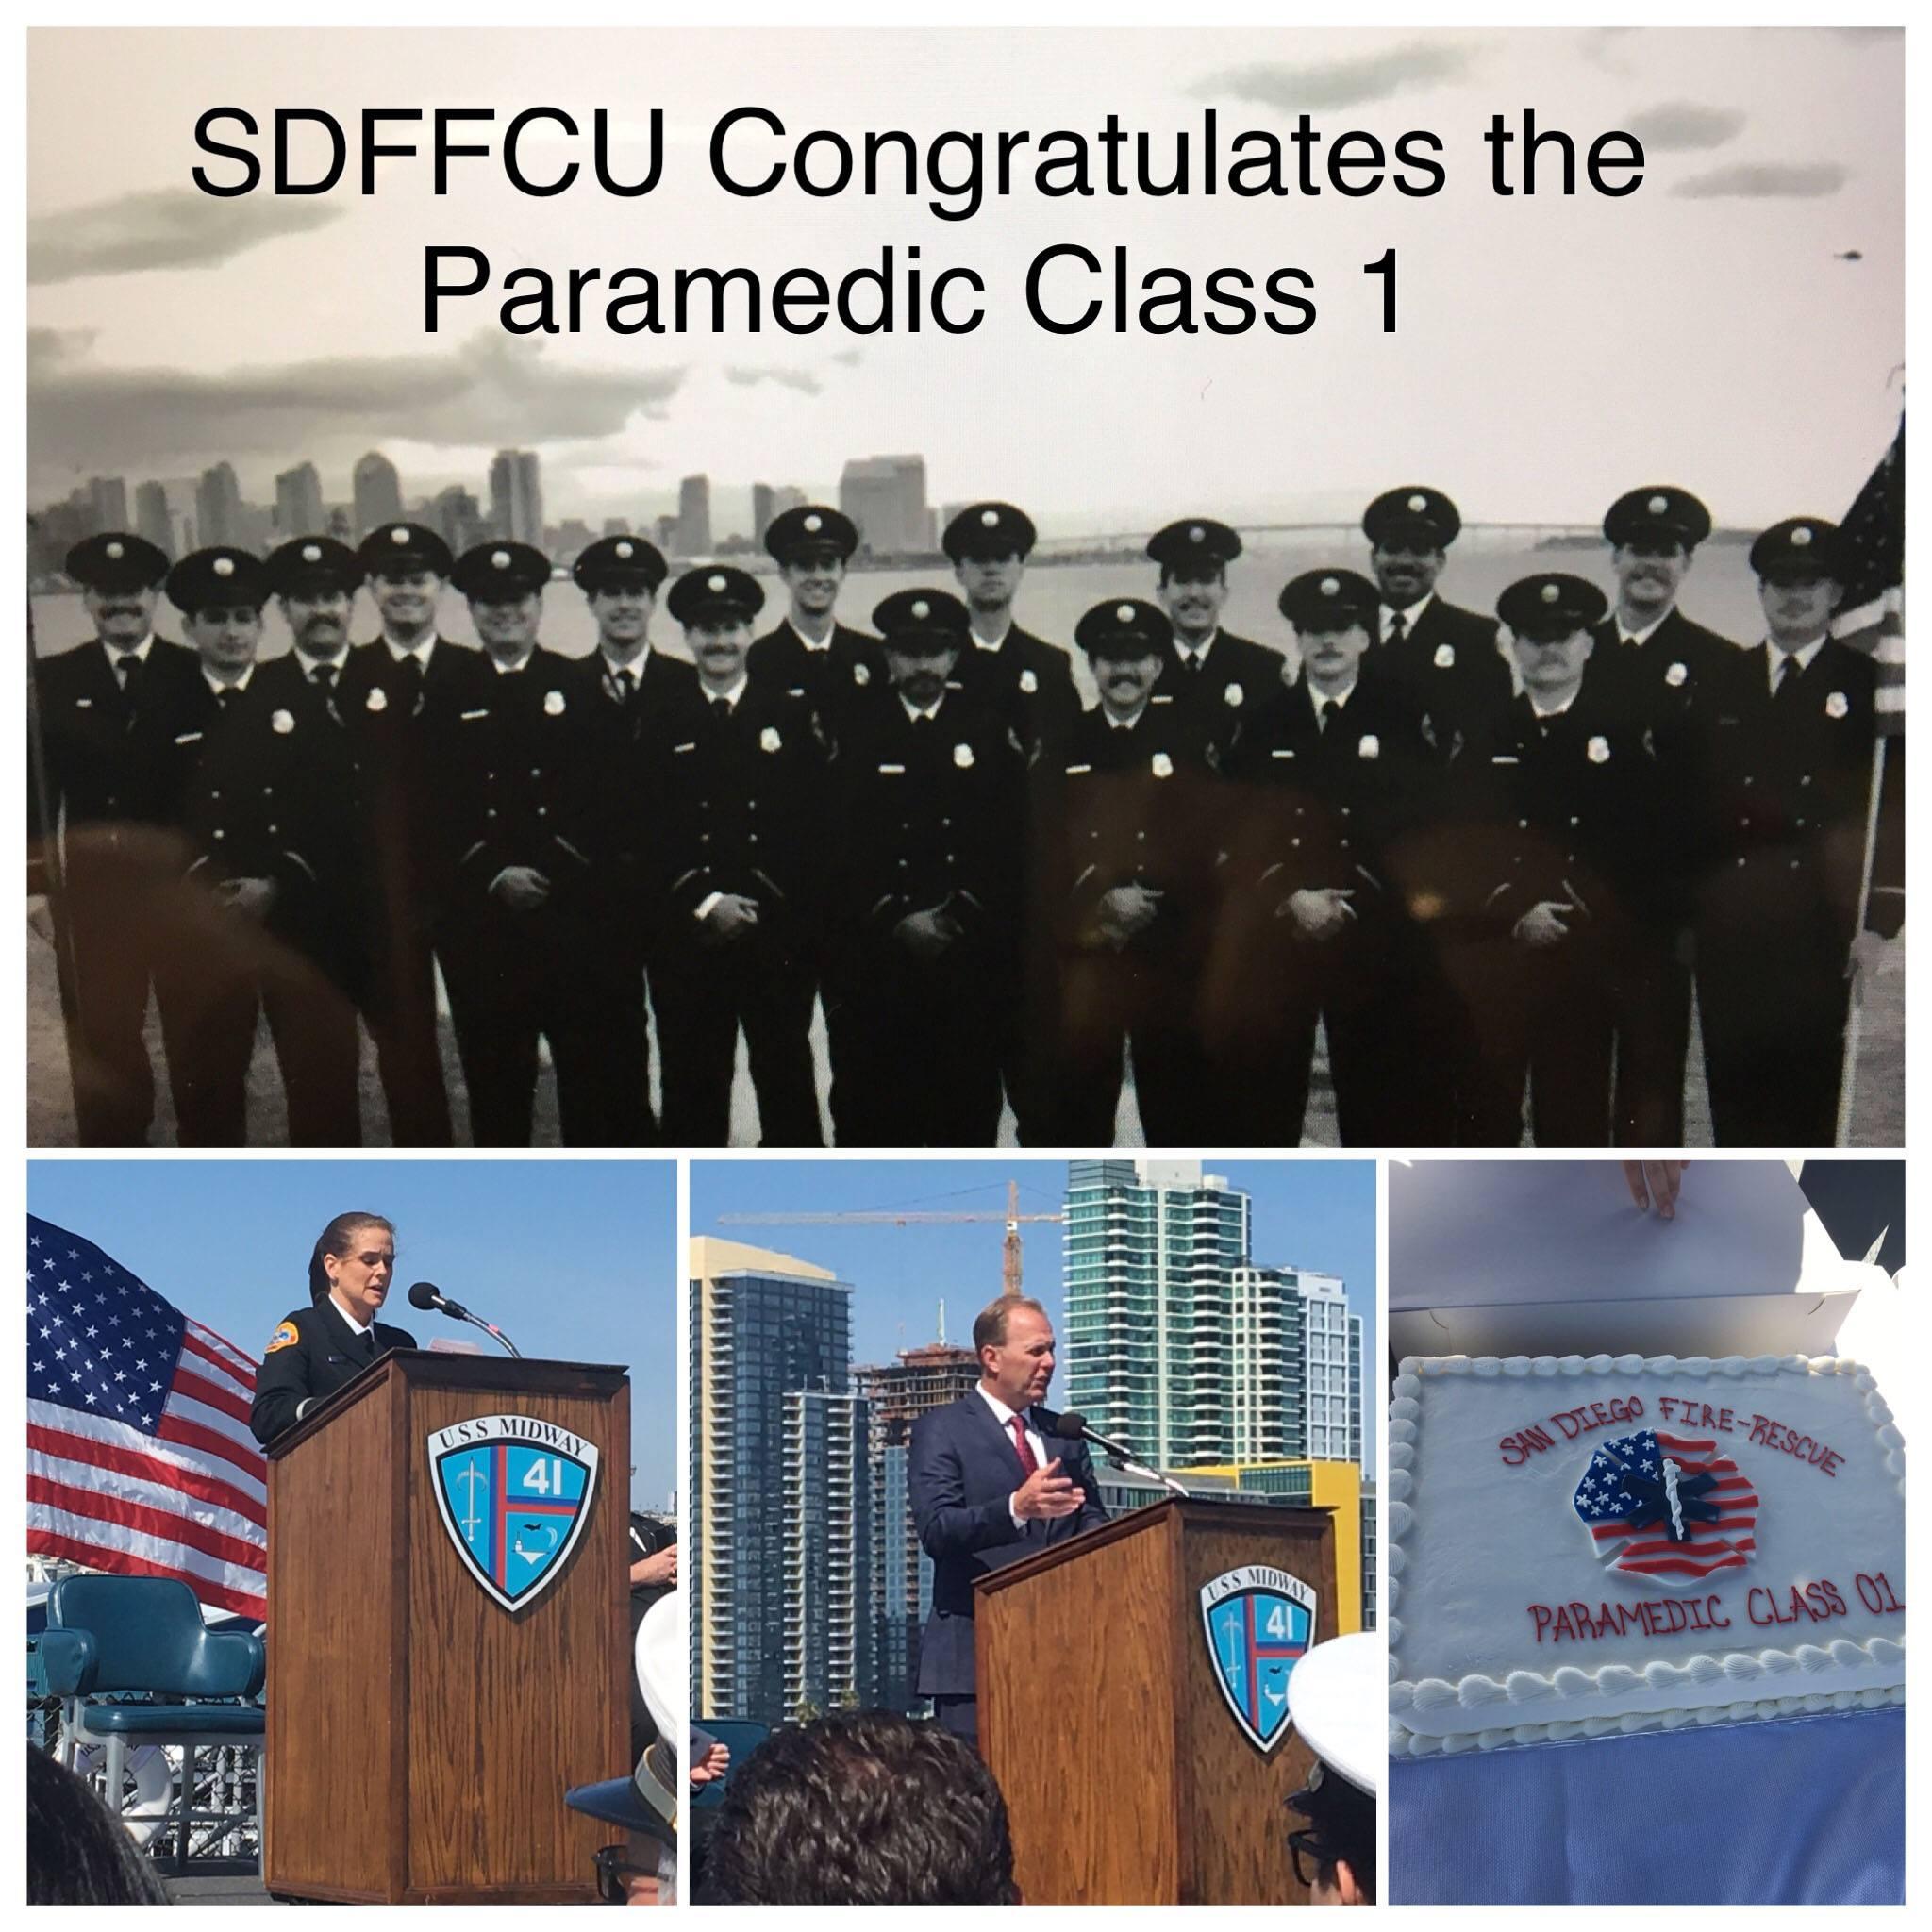 Paramedic Class 1 Graduation